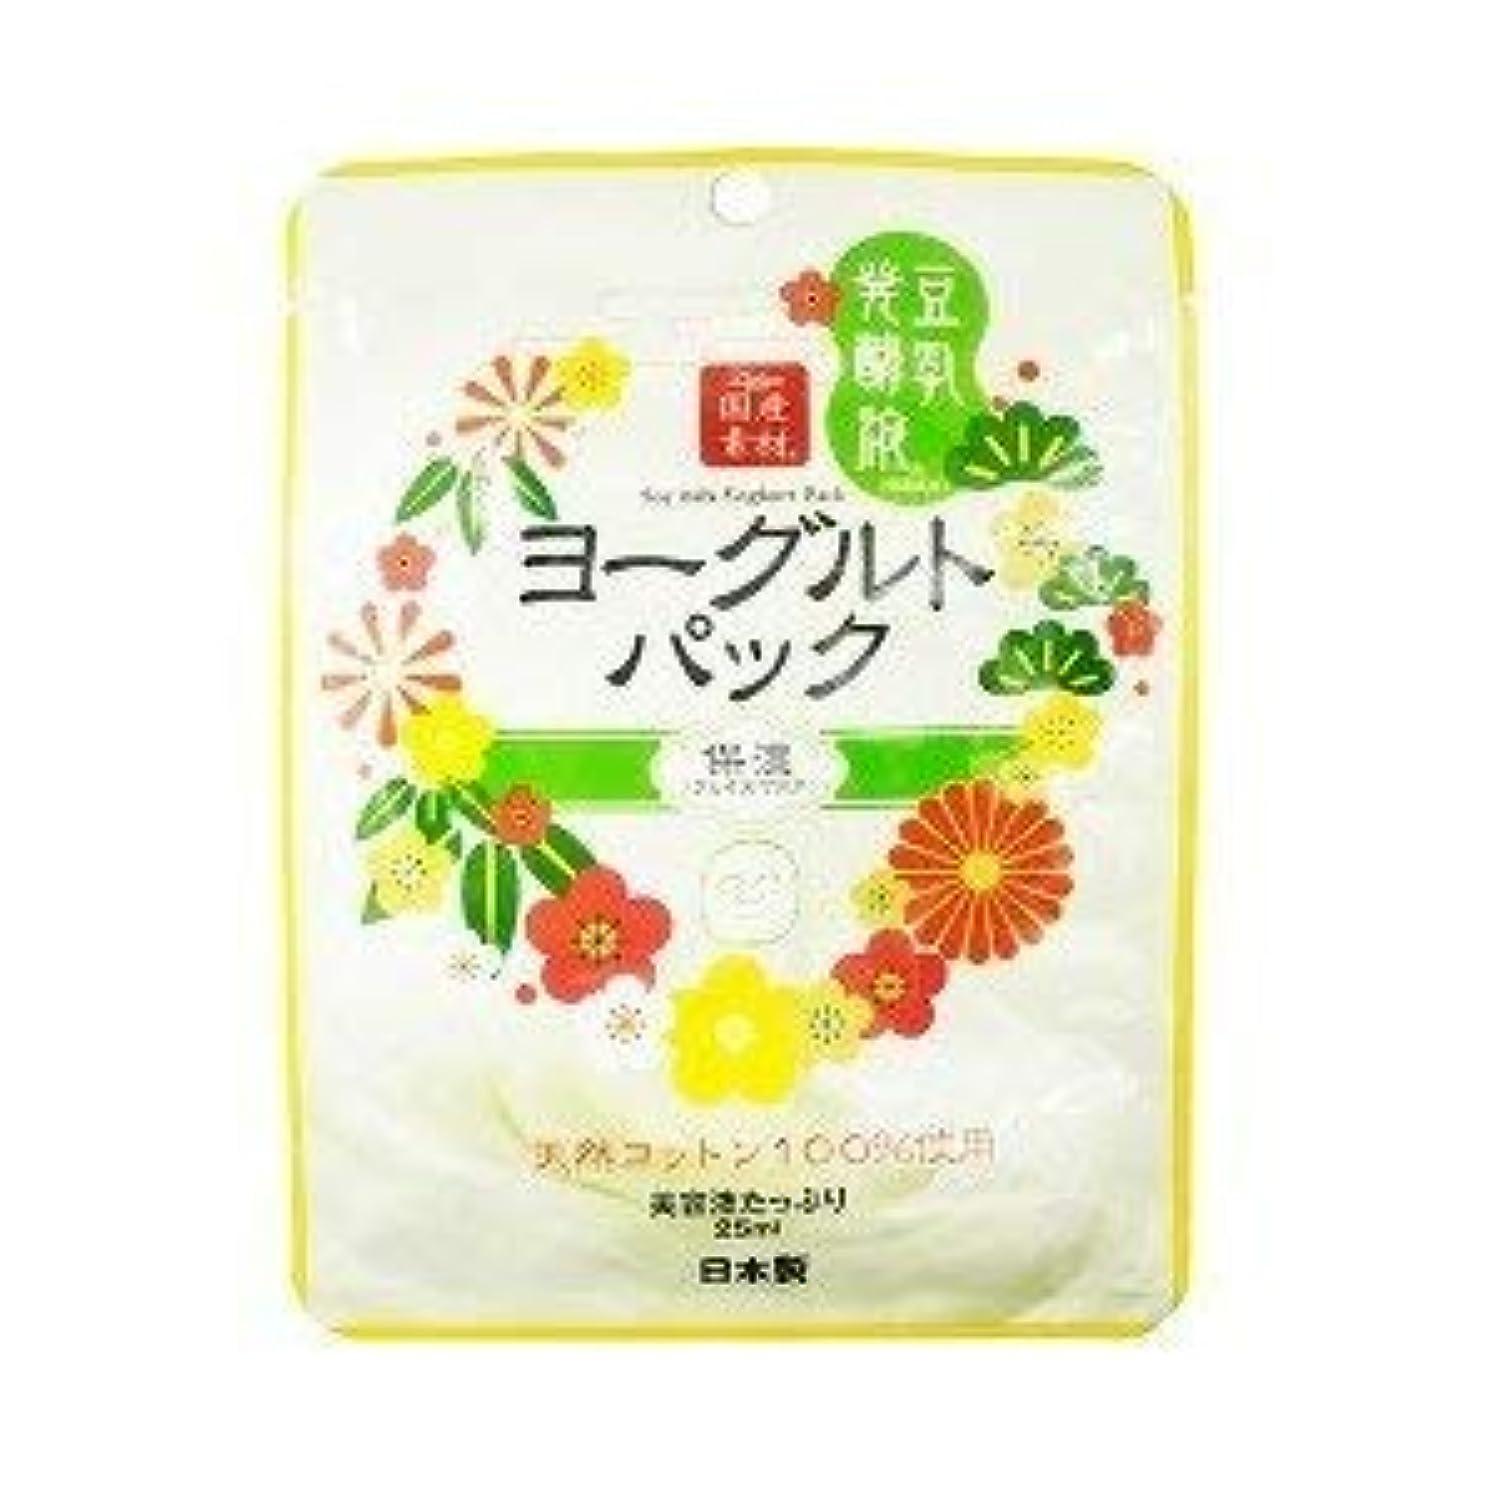 冷蔵庫ケニア詩人【6枚セット】リシャン フェイスマスクYG ヨーグルトの香り 1枚入